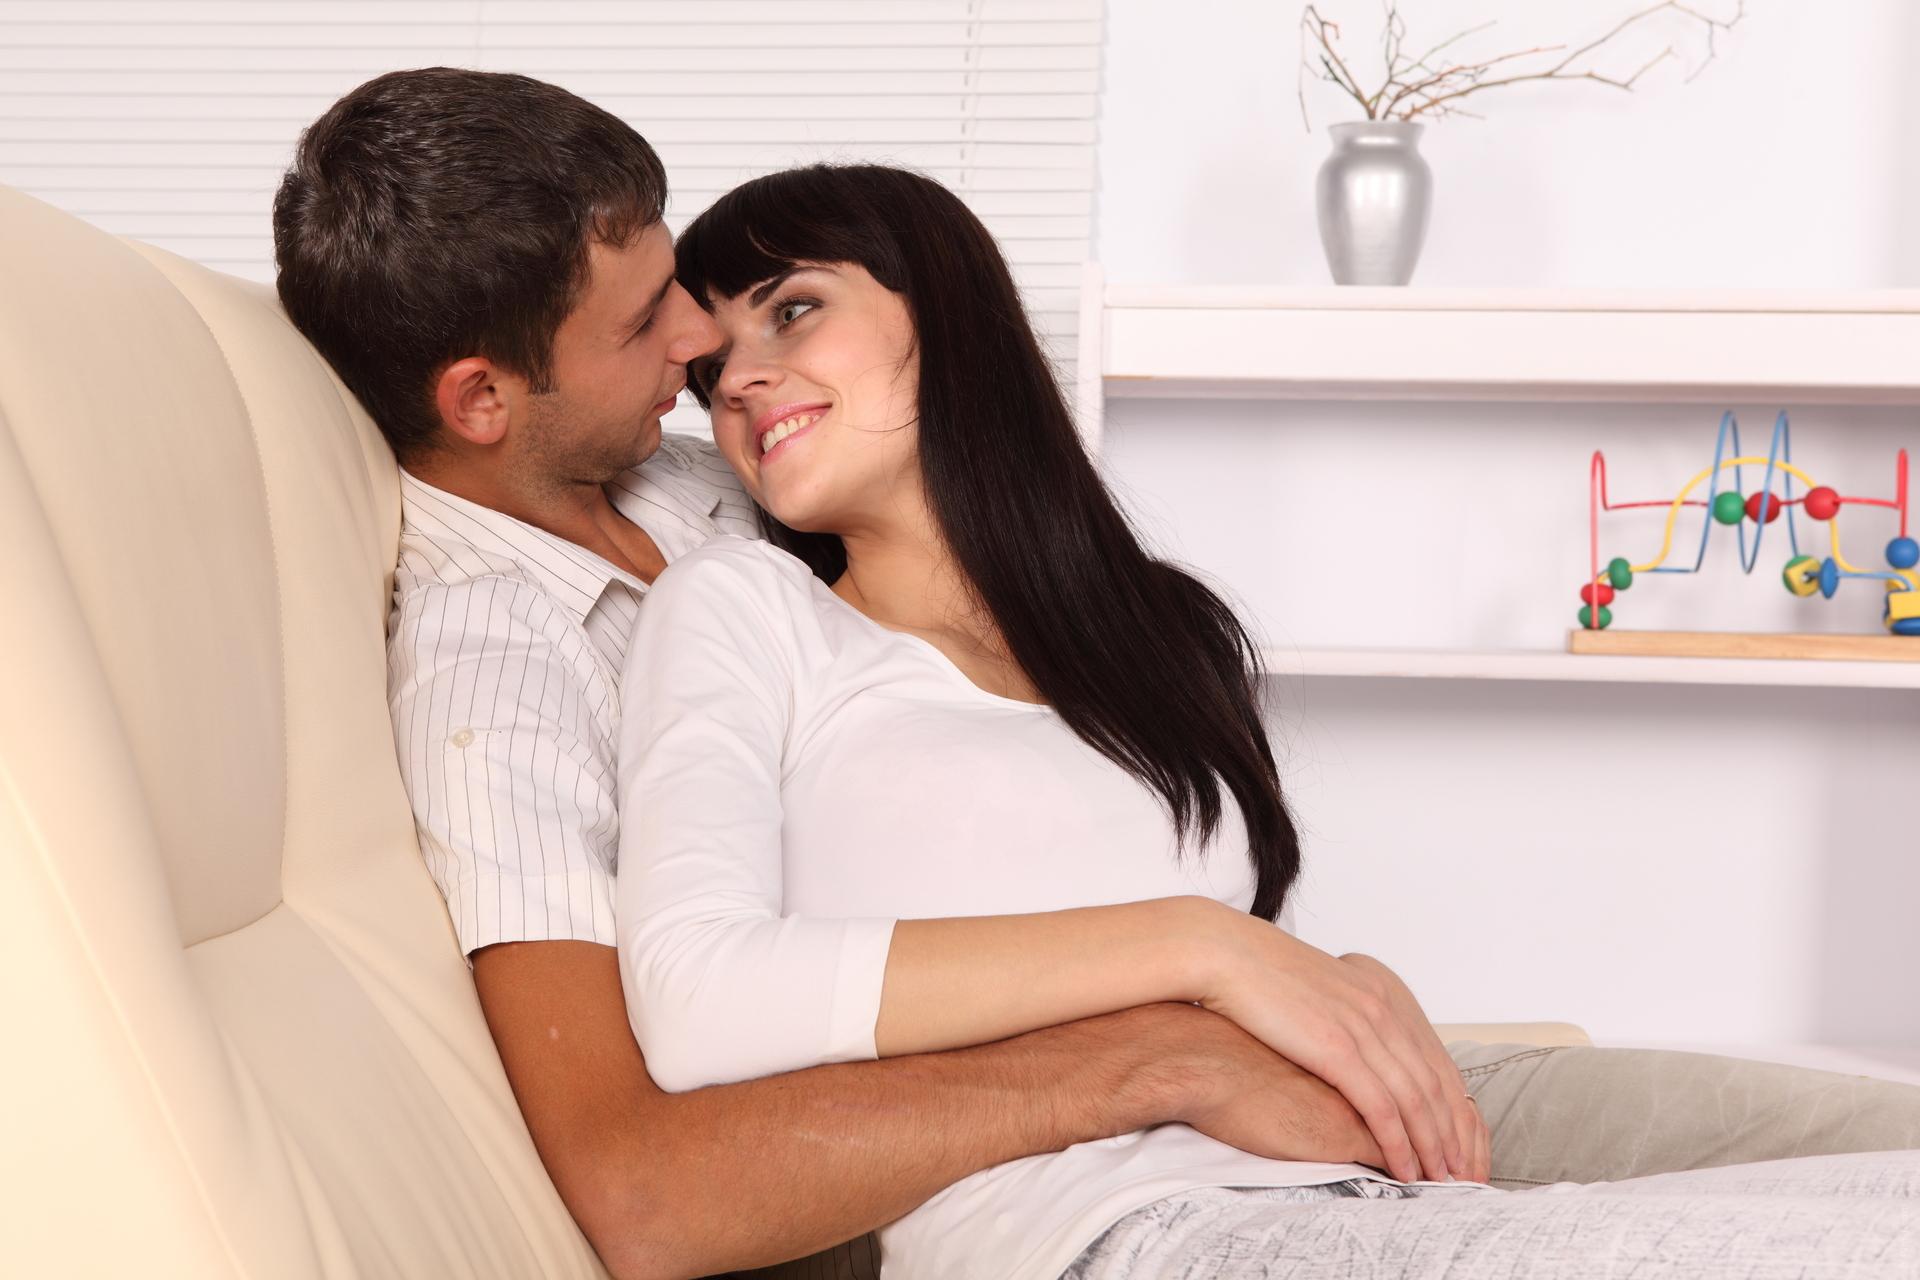 Смотреть онлайн бесплатно как две зрелые девушки садятся парню на язычок, Ухоженная русская дама заставила парня вылизывать 9 фотография